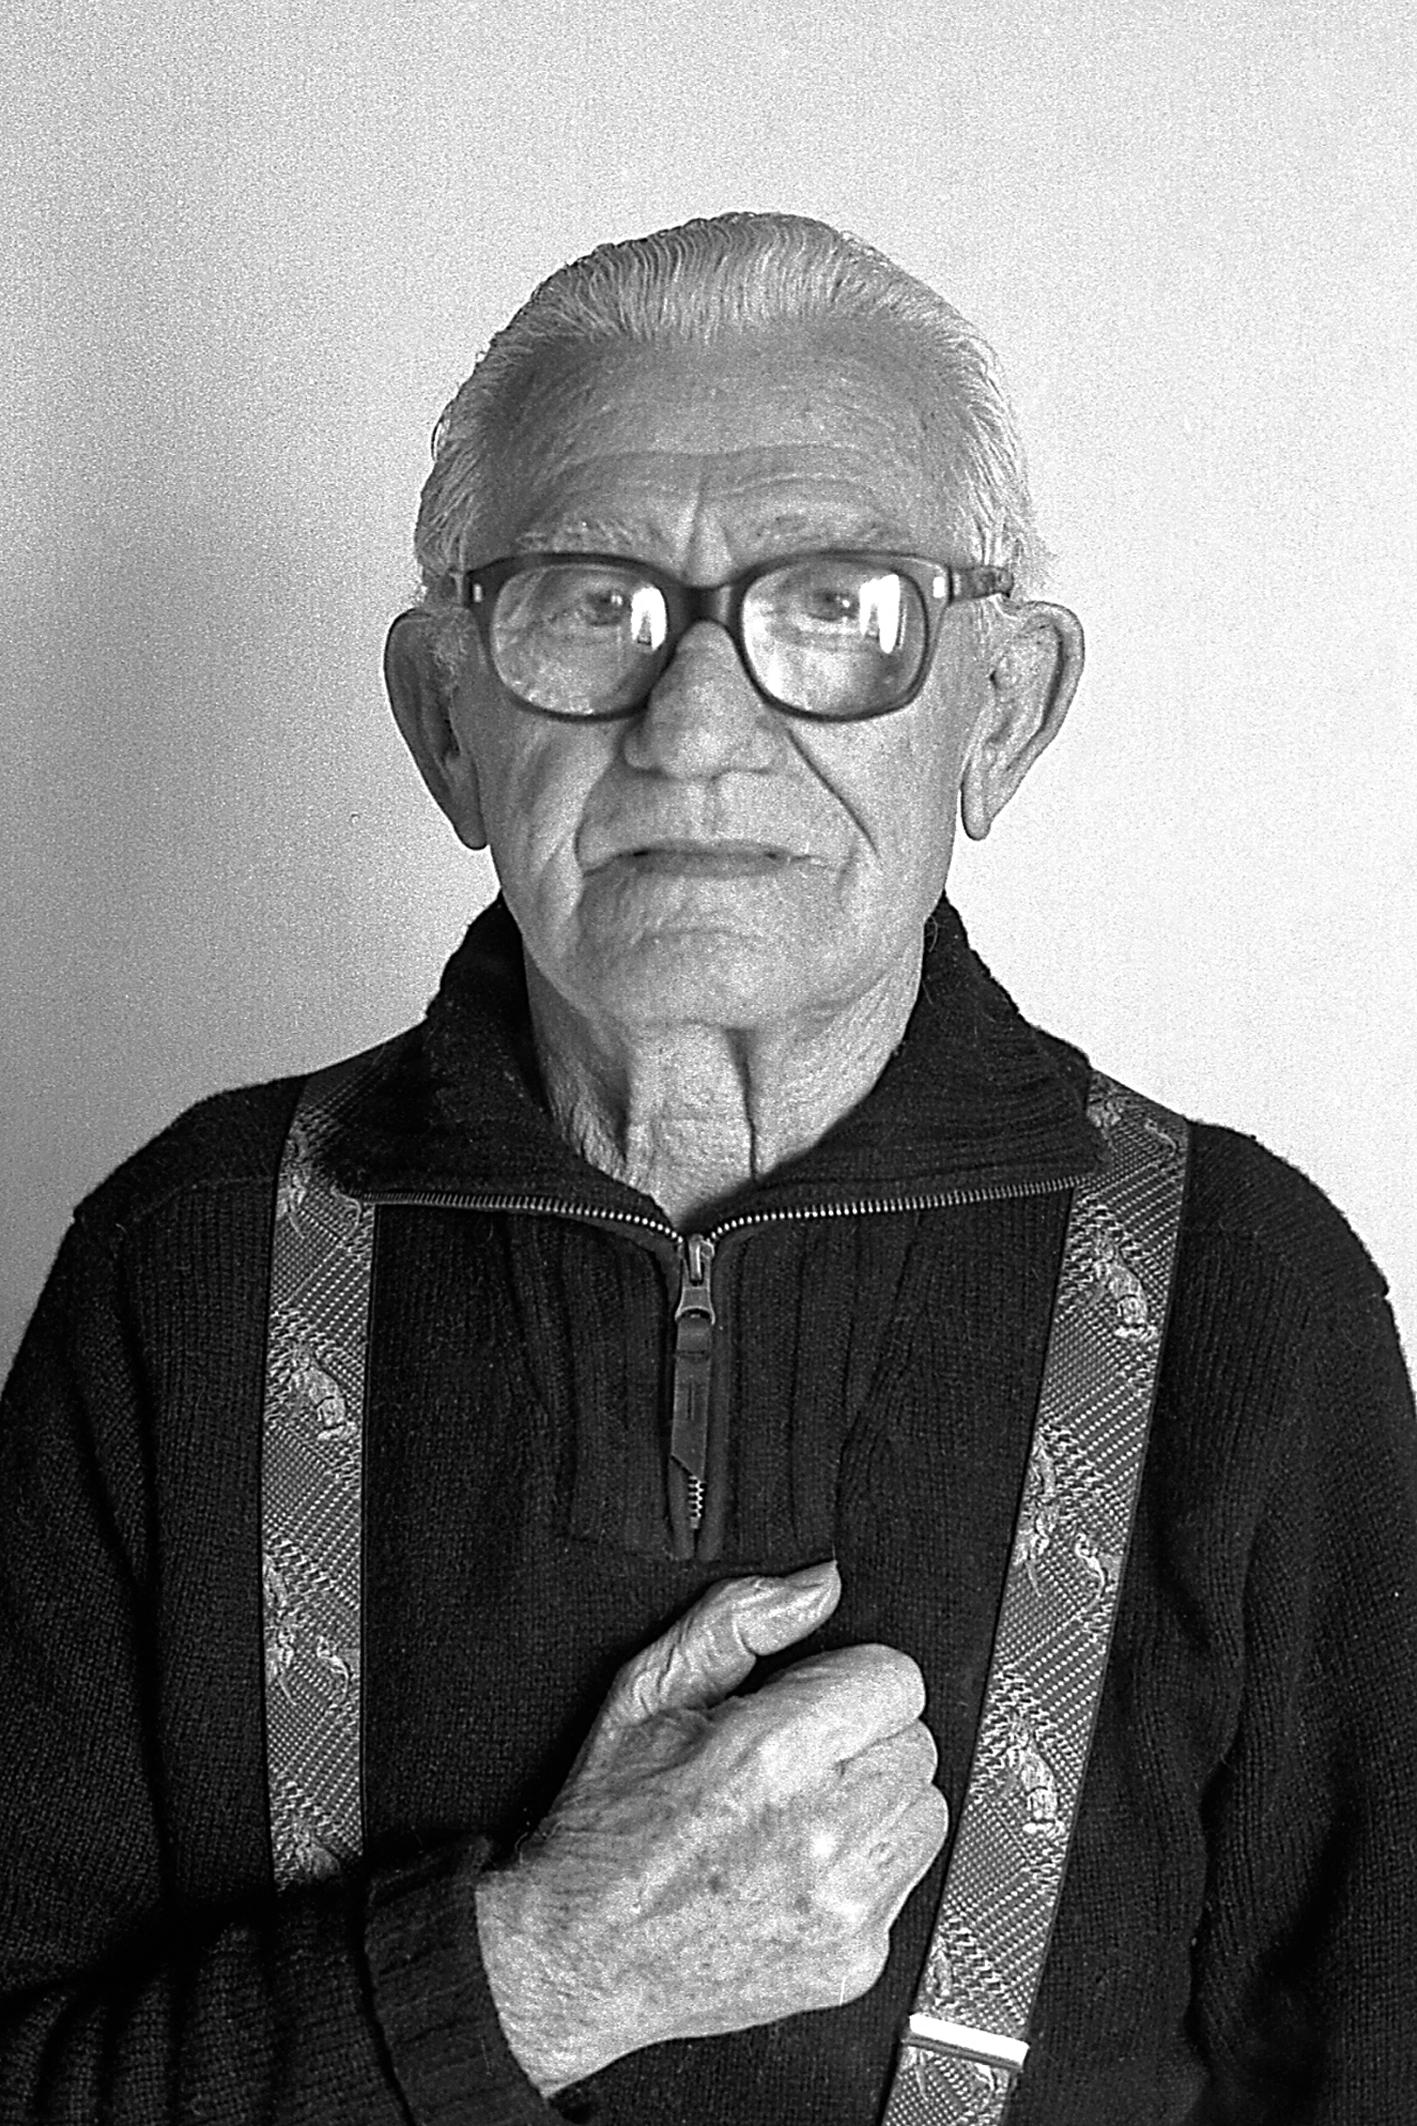 Ortelio Bianchini, Bagno a Ripoli 1944-2004